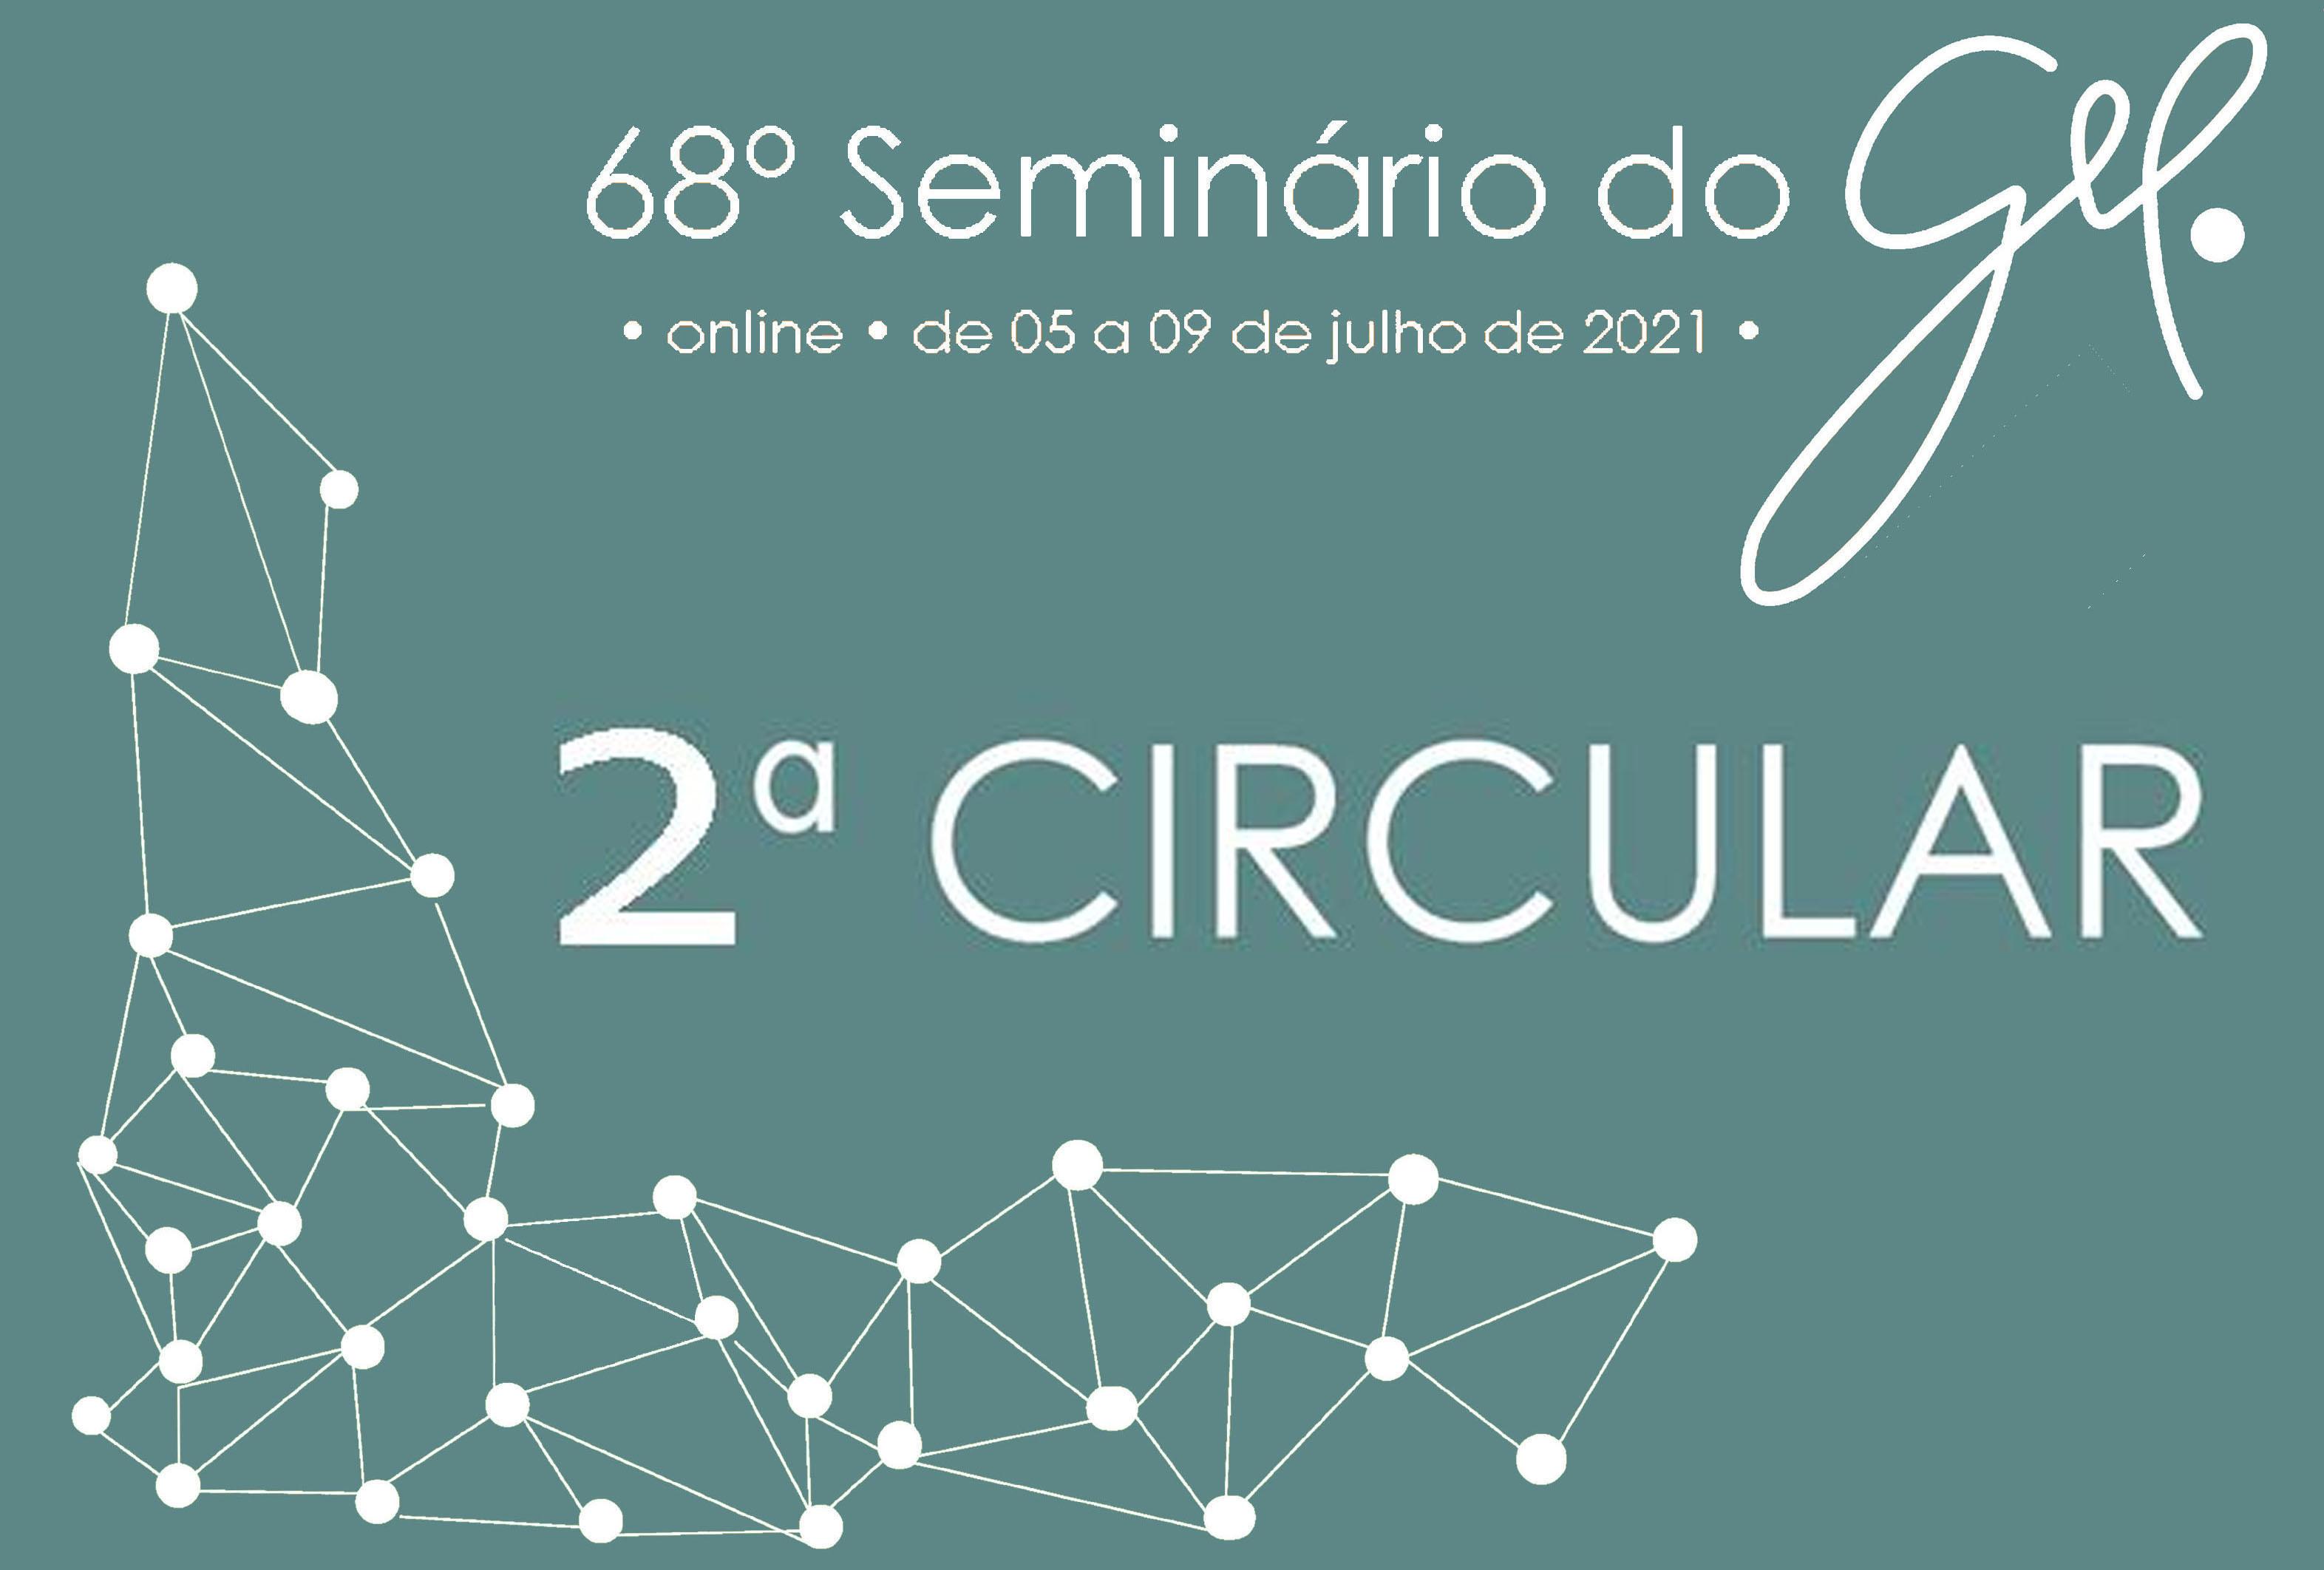 2ª Circular - 68º Seminário